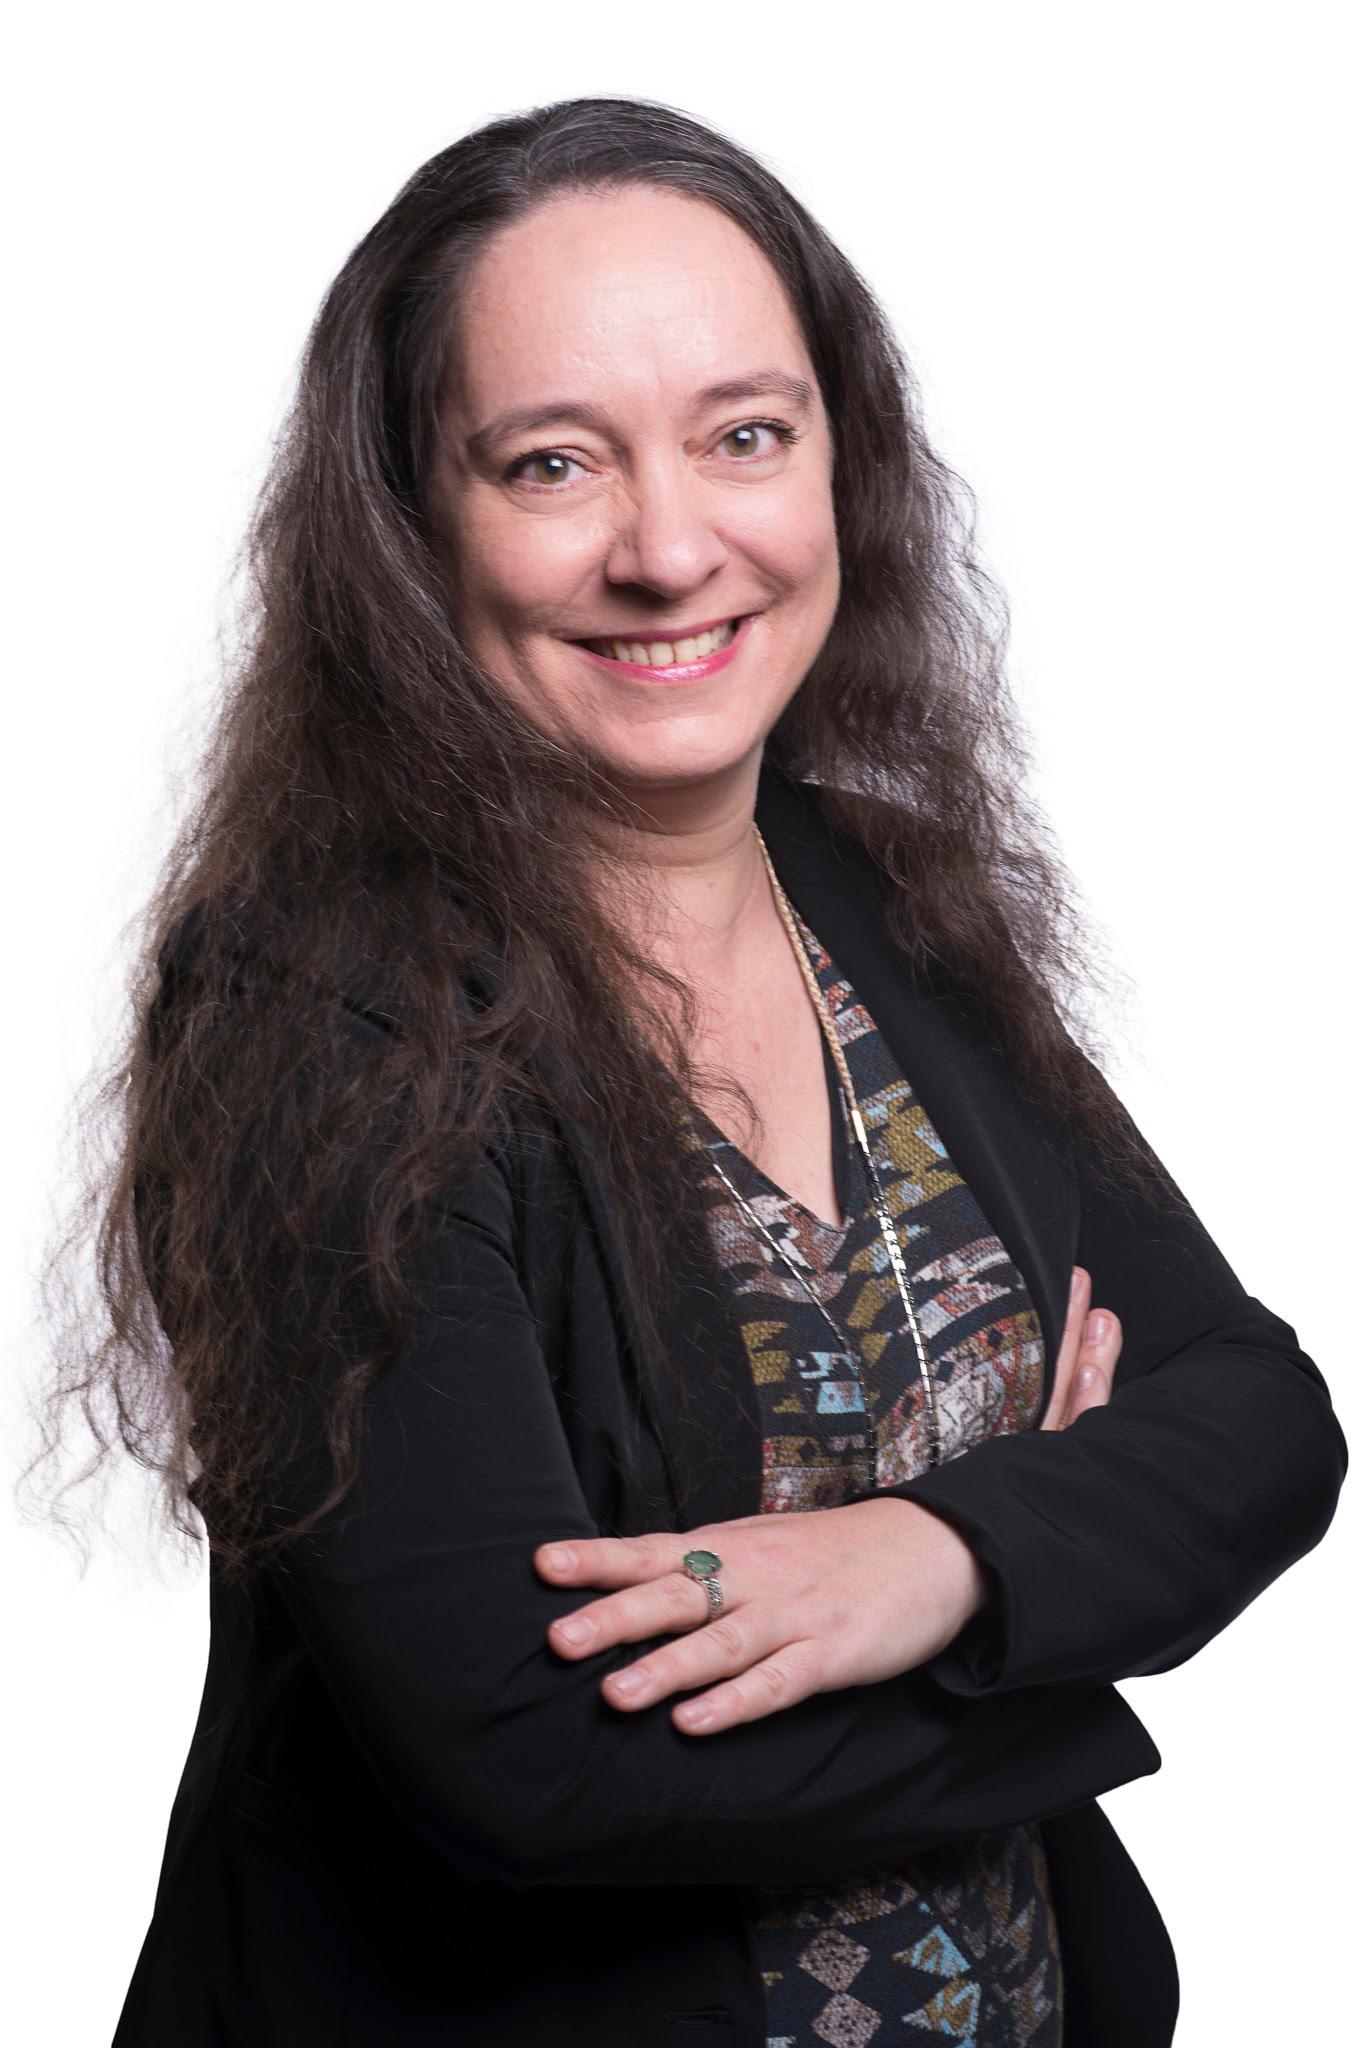 Photo of Charlotte Habegger